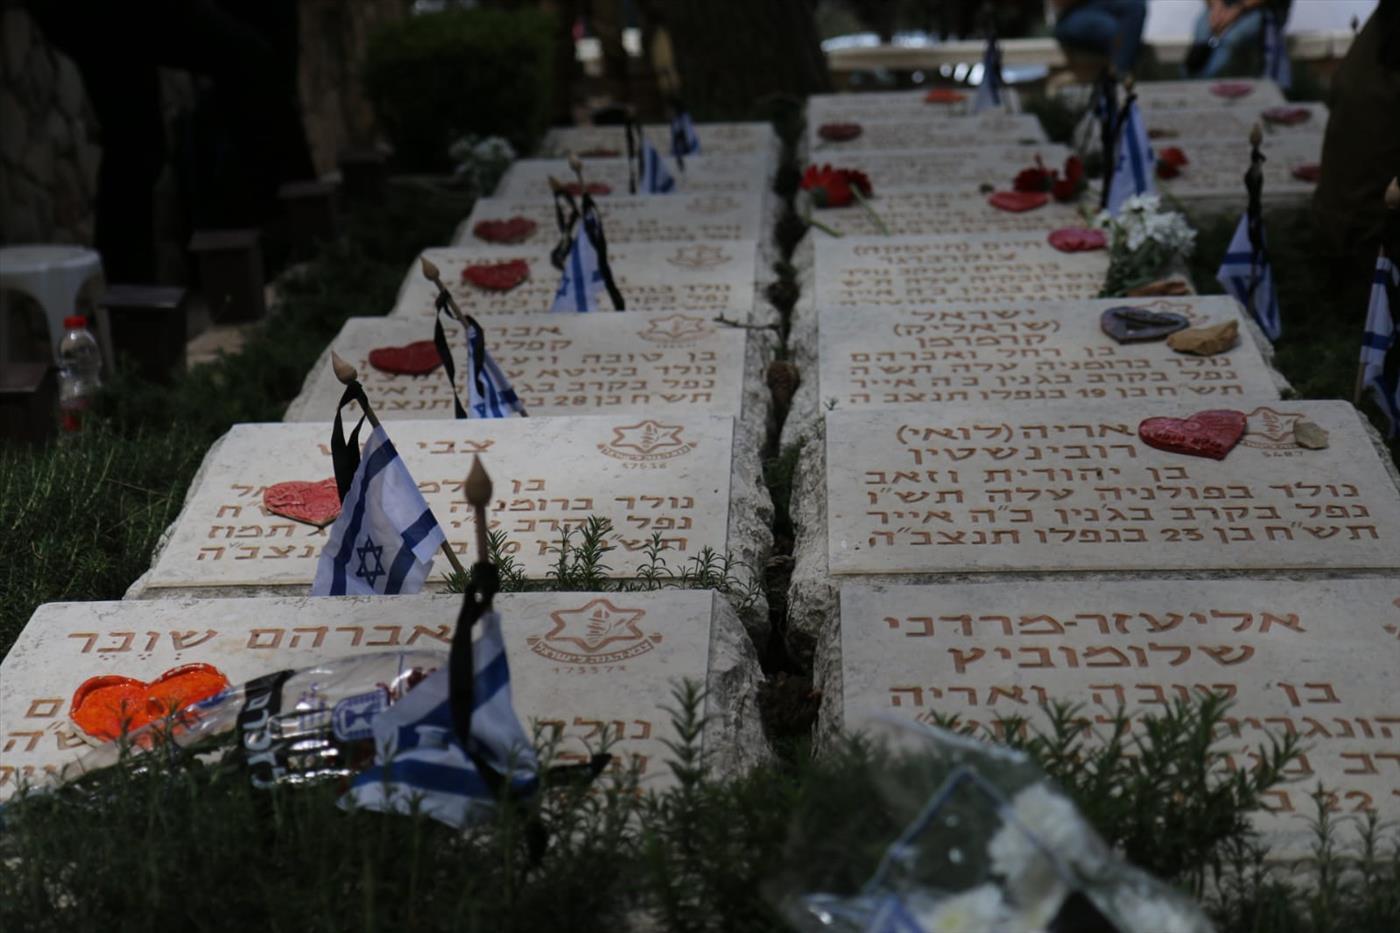 בית העלמין הצבאי בהר הרצל (איתן שויבר TPS)